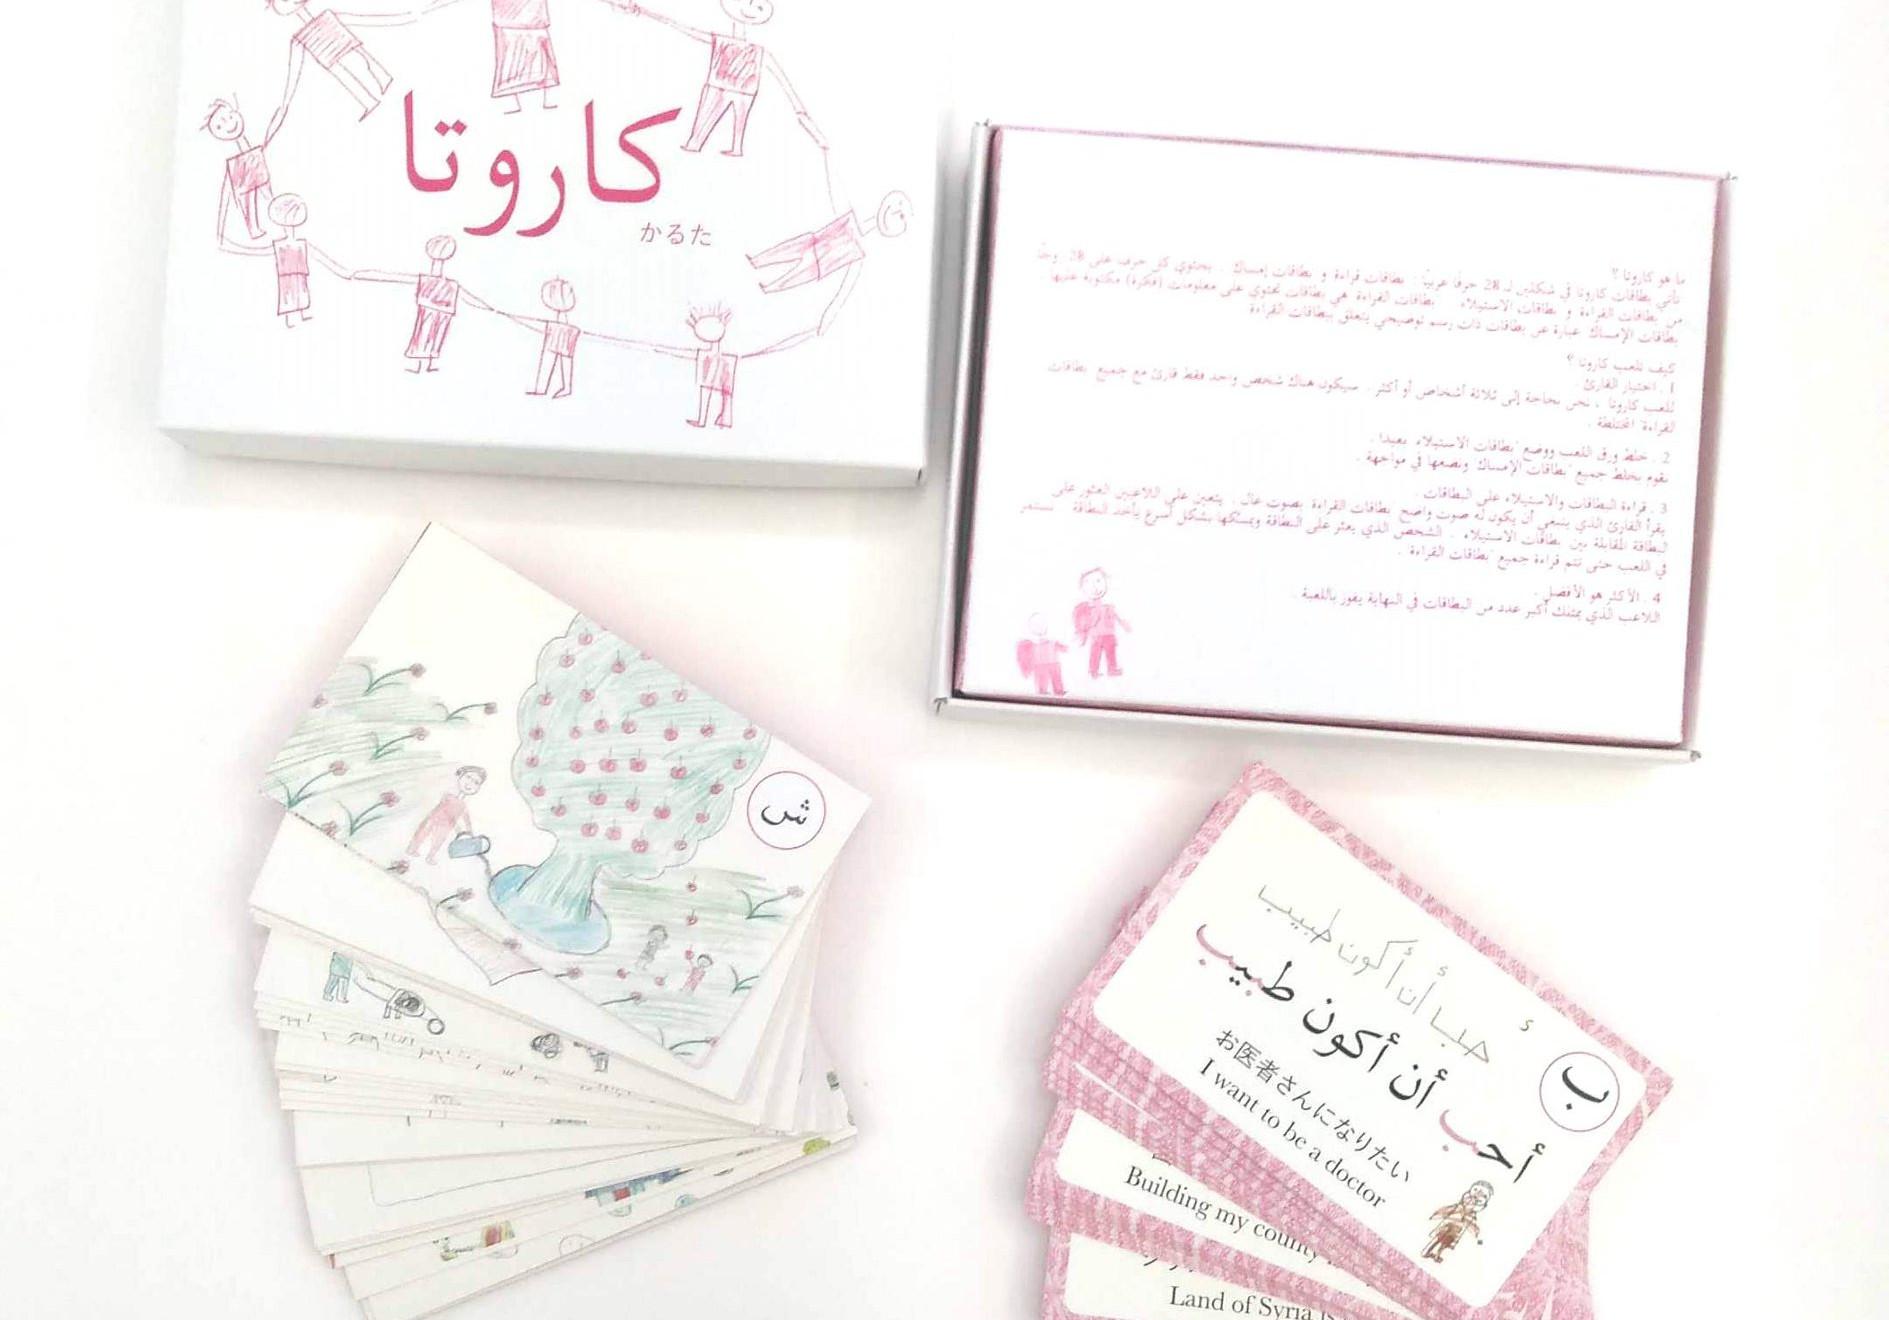 シリア難民の子ども達の文と絵でできたカルタ